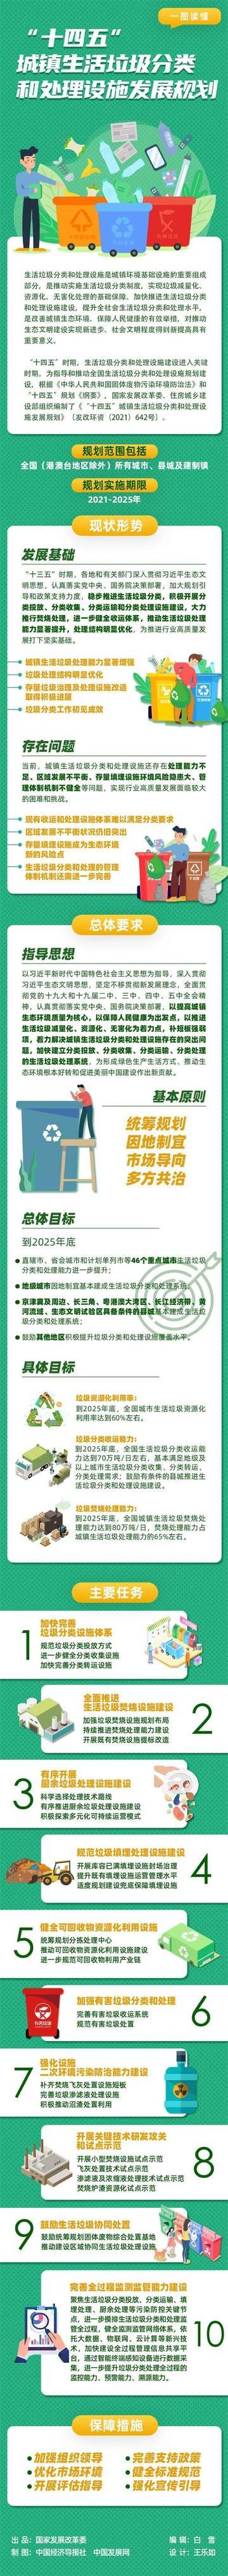 """""""十四五""""城镇生活垃圾分类和处理设施发展规划"""